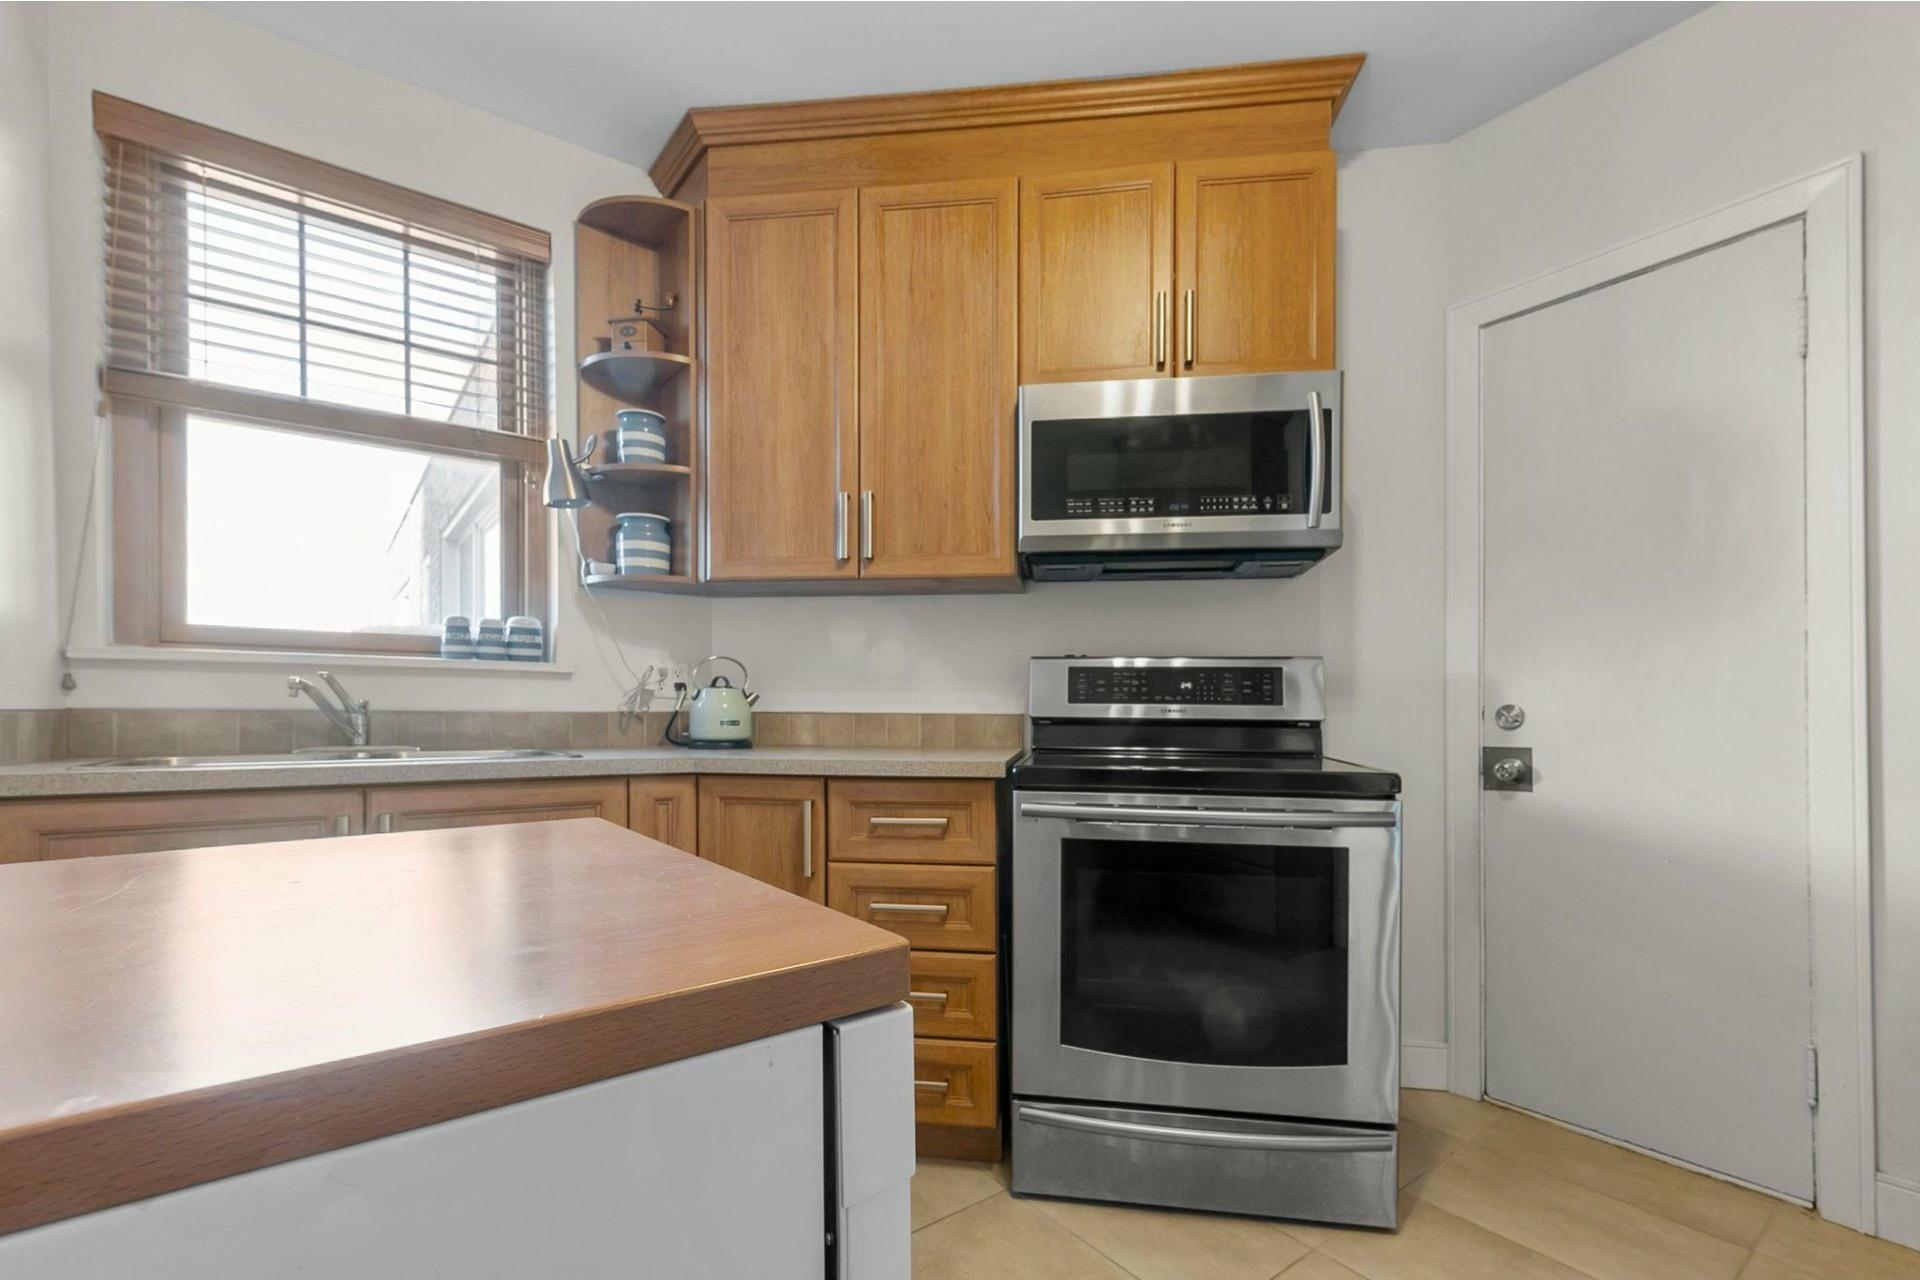 image 10 - Appartement À vendre Côte-des-Neiges/Notre-Dame-de-Grâce Montréal  - 7 pièces